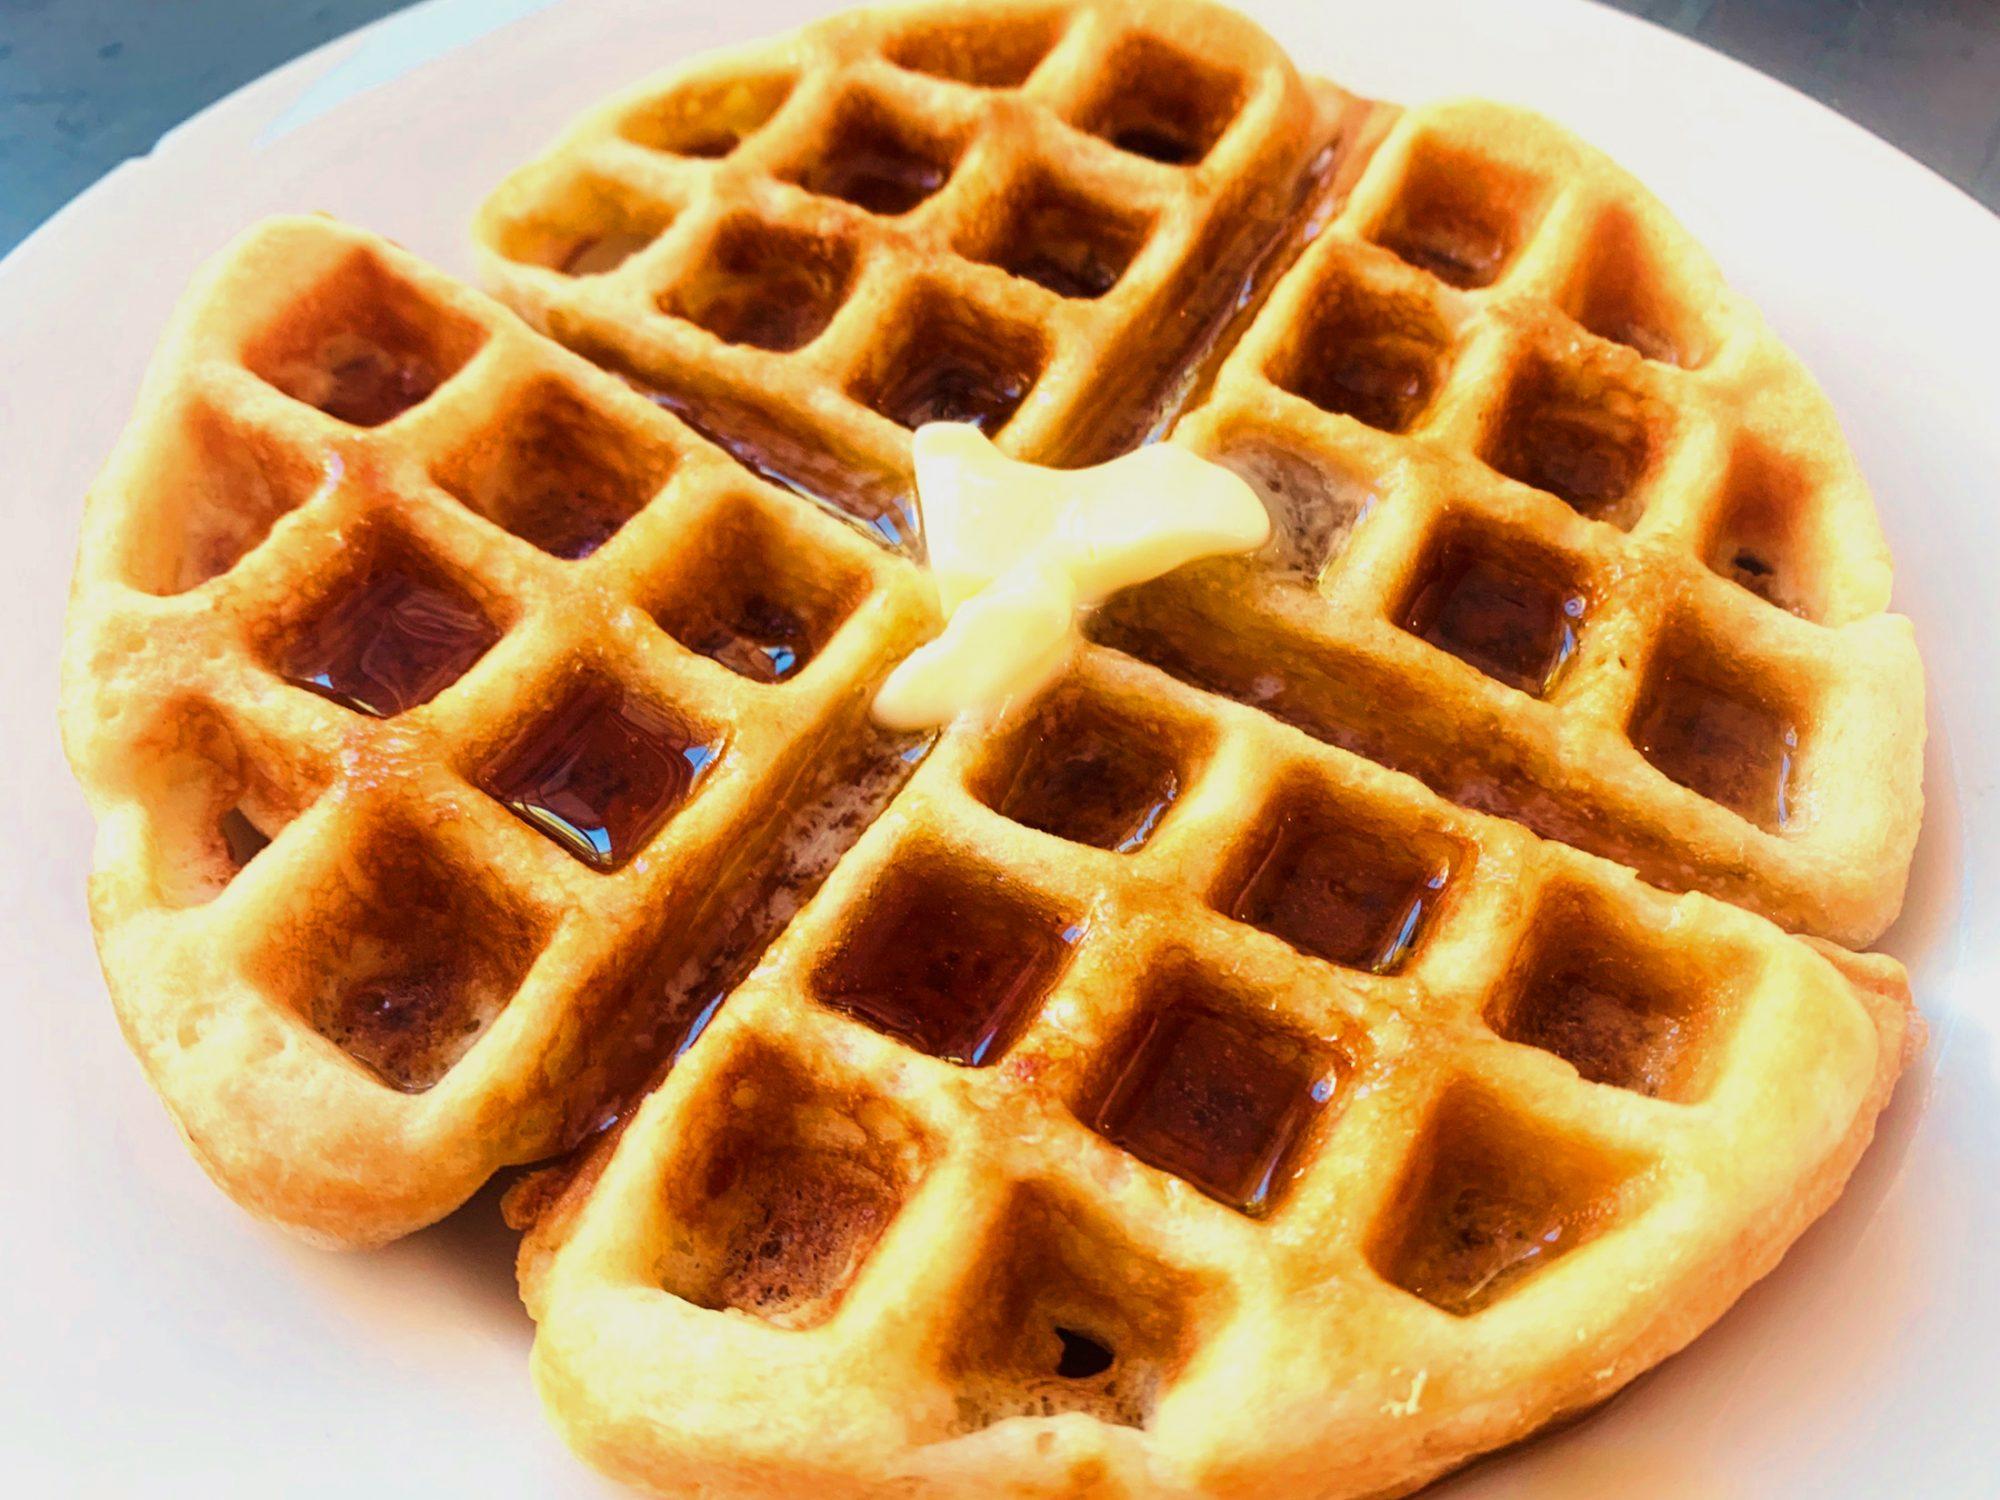 Copycat Waffle House Waffles image